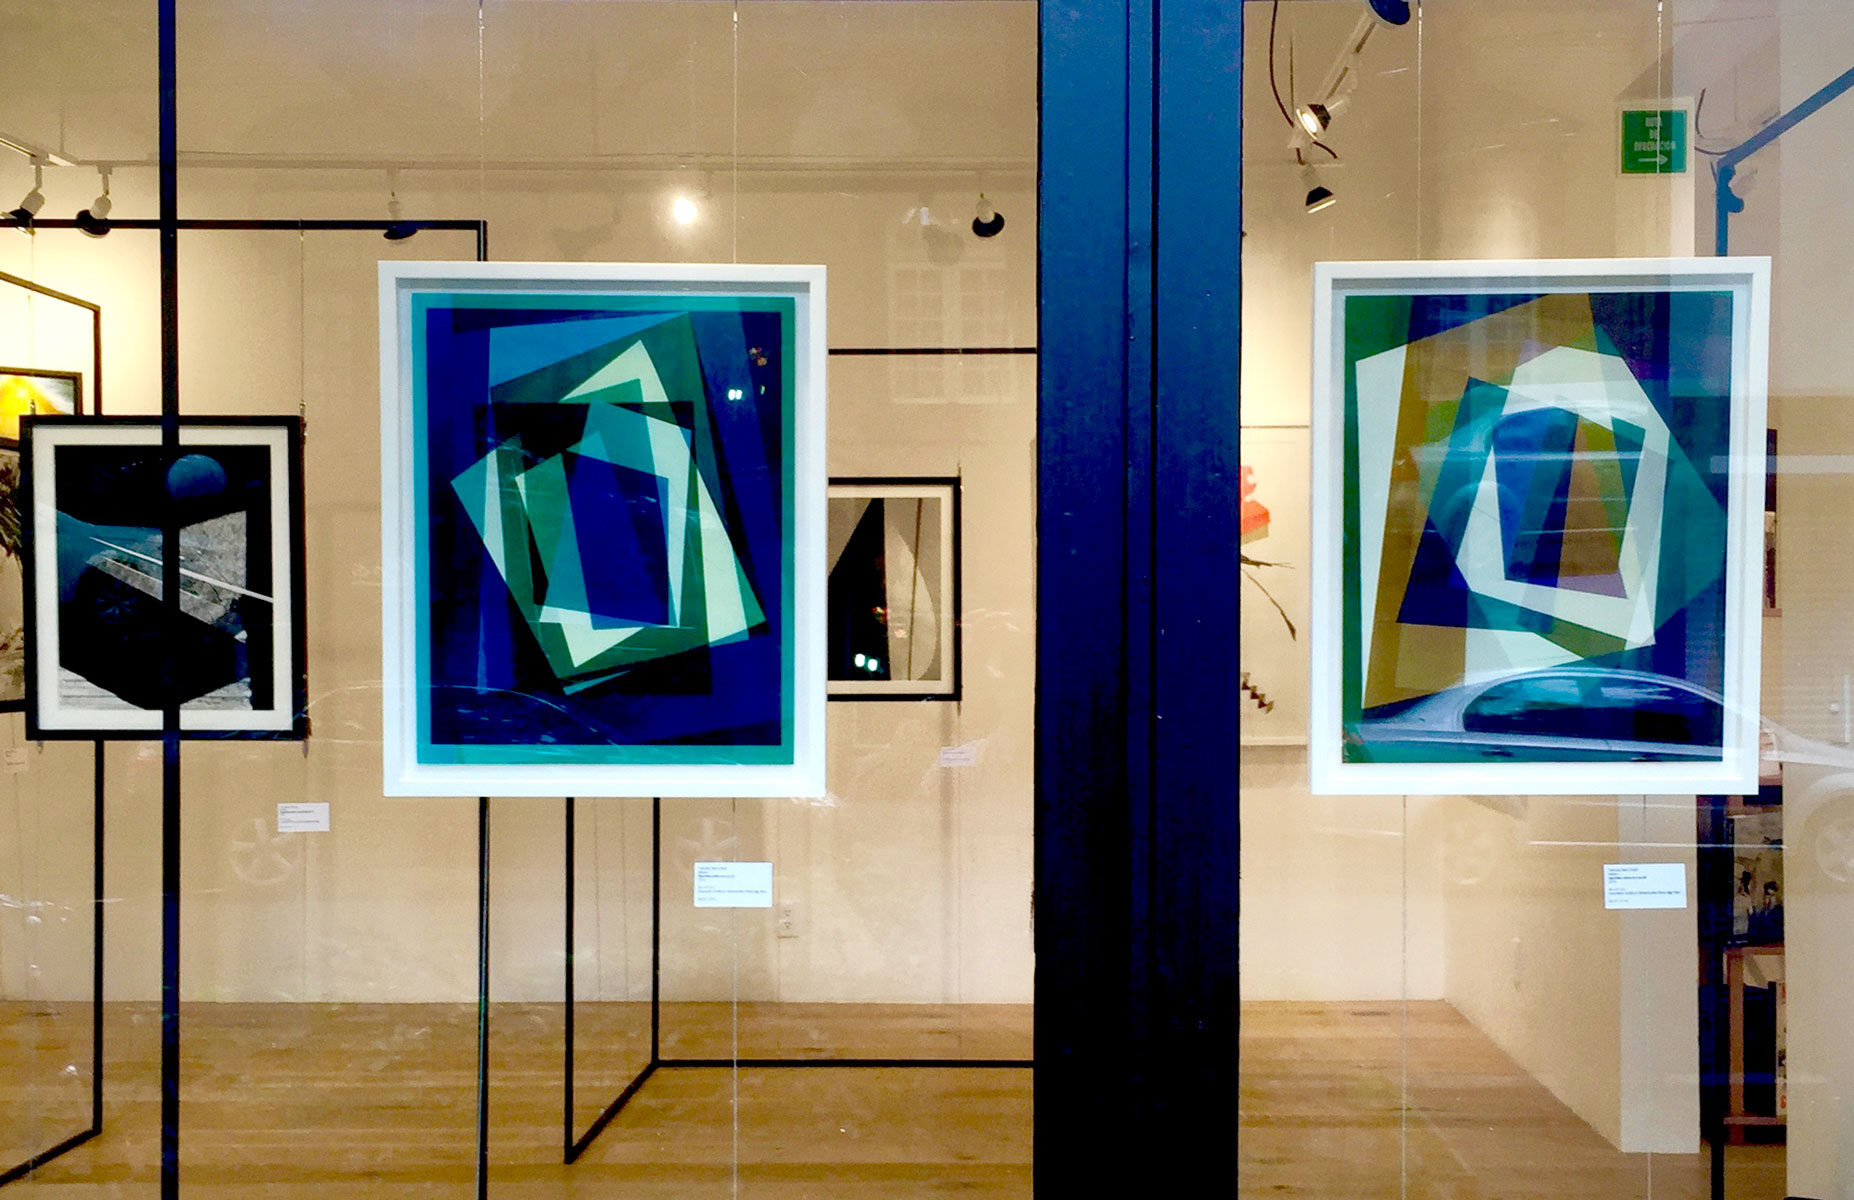 D Xl Exhibition : Josef koudelka la fabrique d exils exhibition catalogue